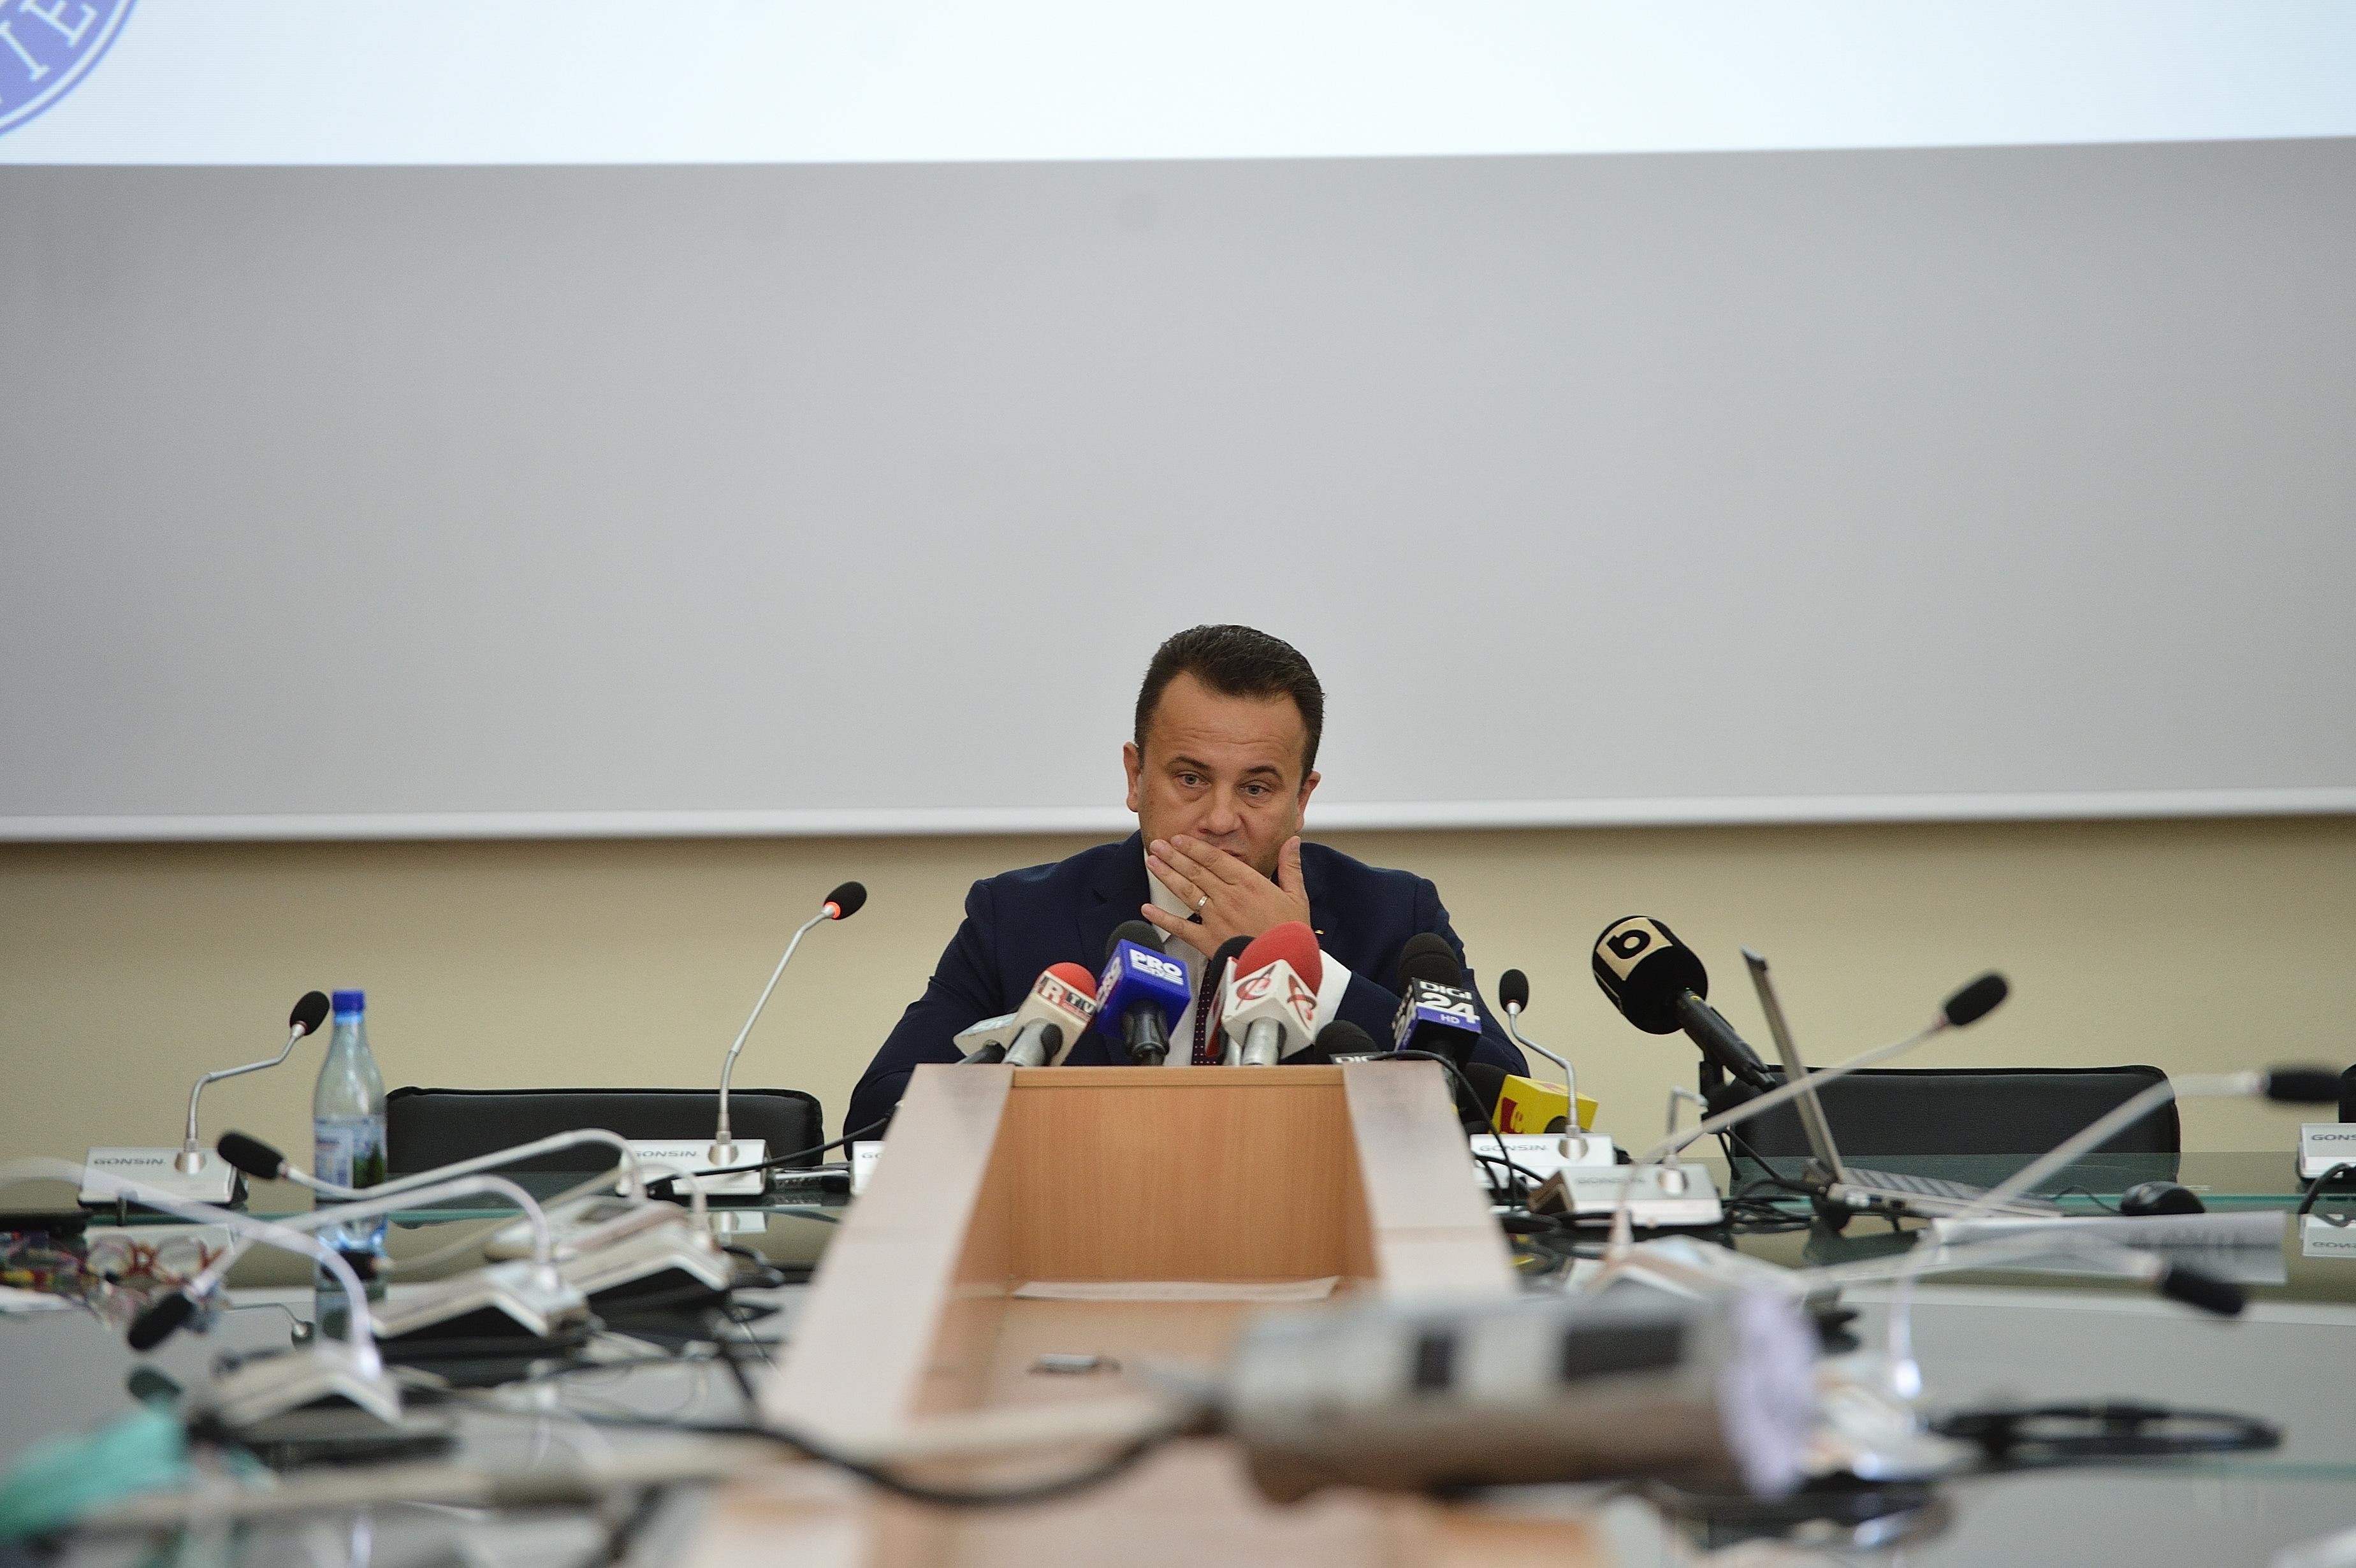 Ministrul Educaţiei, despre auxiliarele: Eu nu sunt convins că astăzi tot ce se fotocopiază şi se foloseşte în şcoală este în regulă